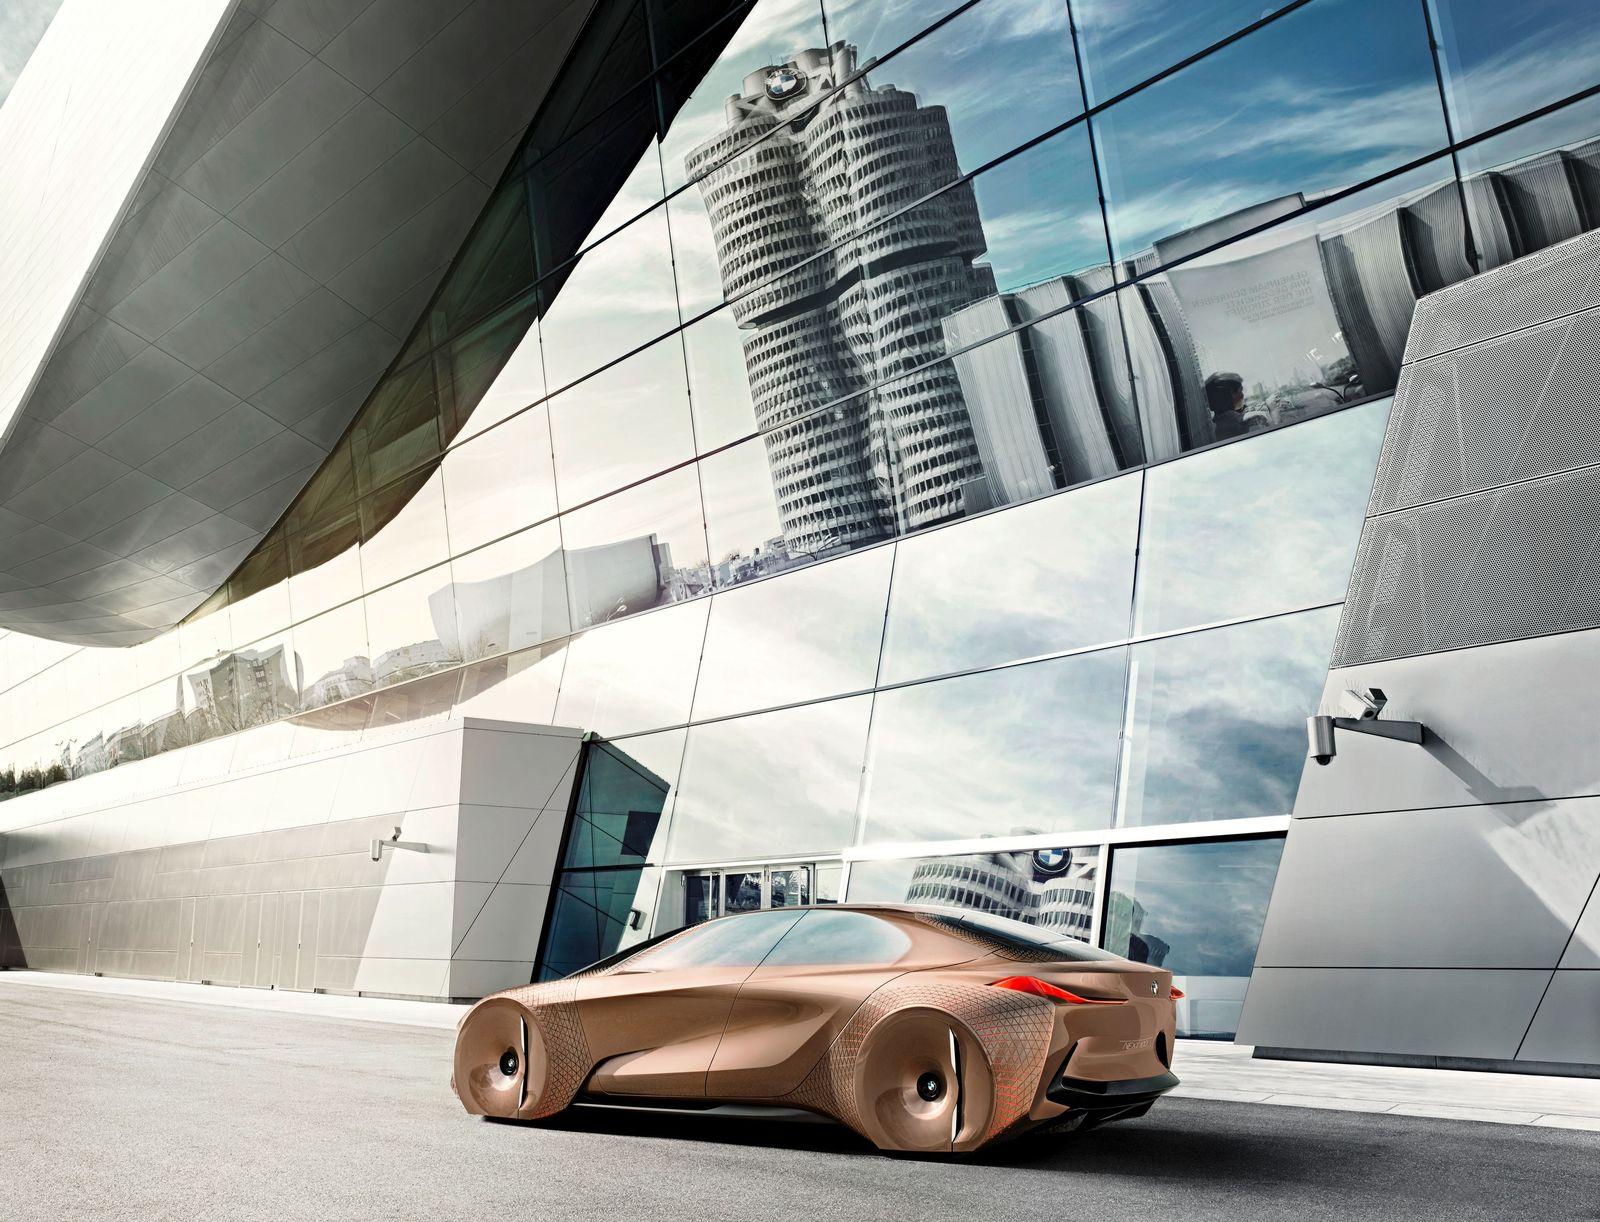 SP 37/2017, S.81 Mobilität der Zukunft / BMW-Studie Vision 100